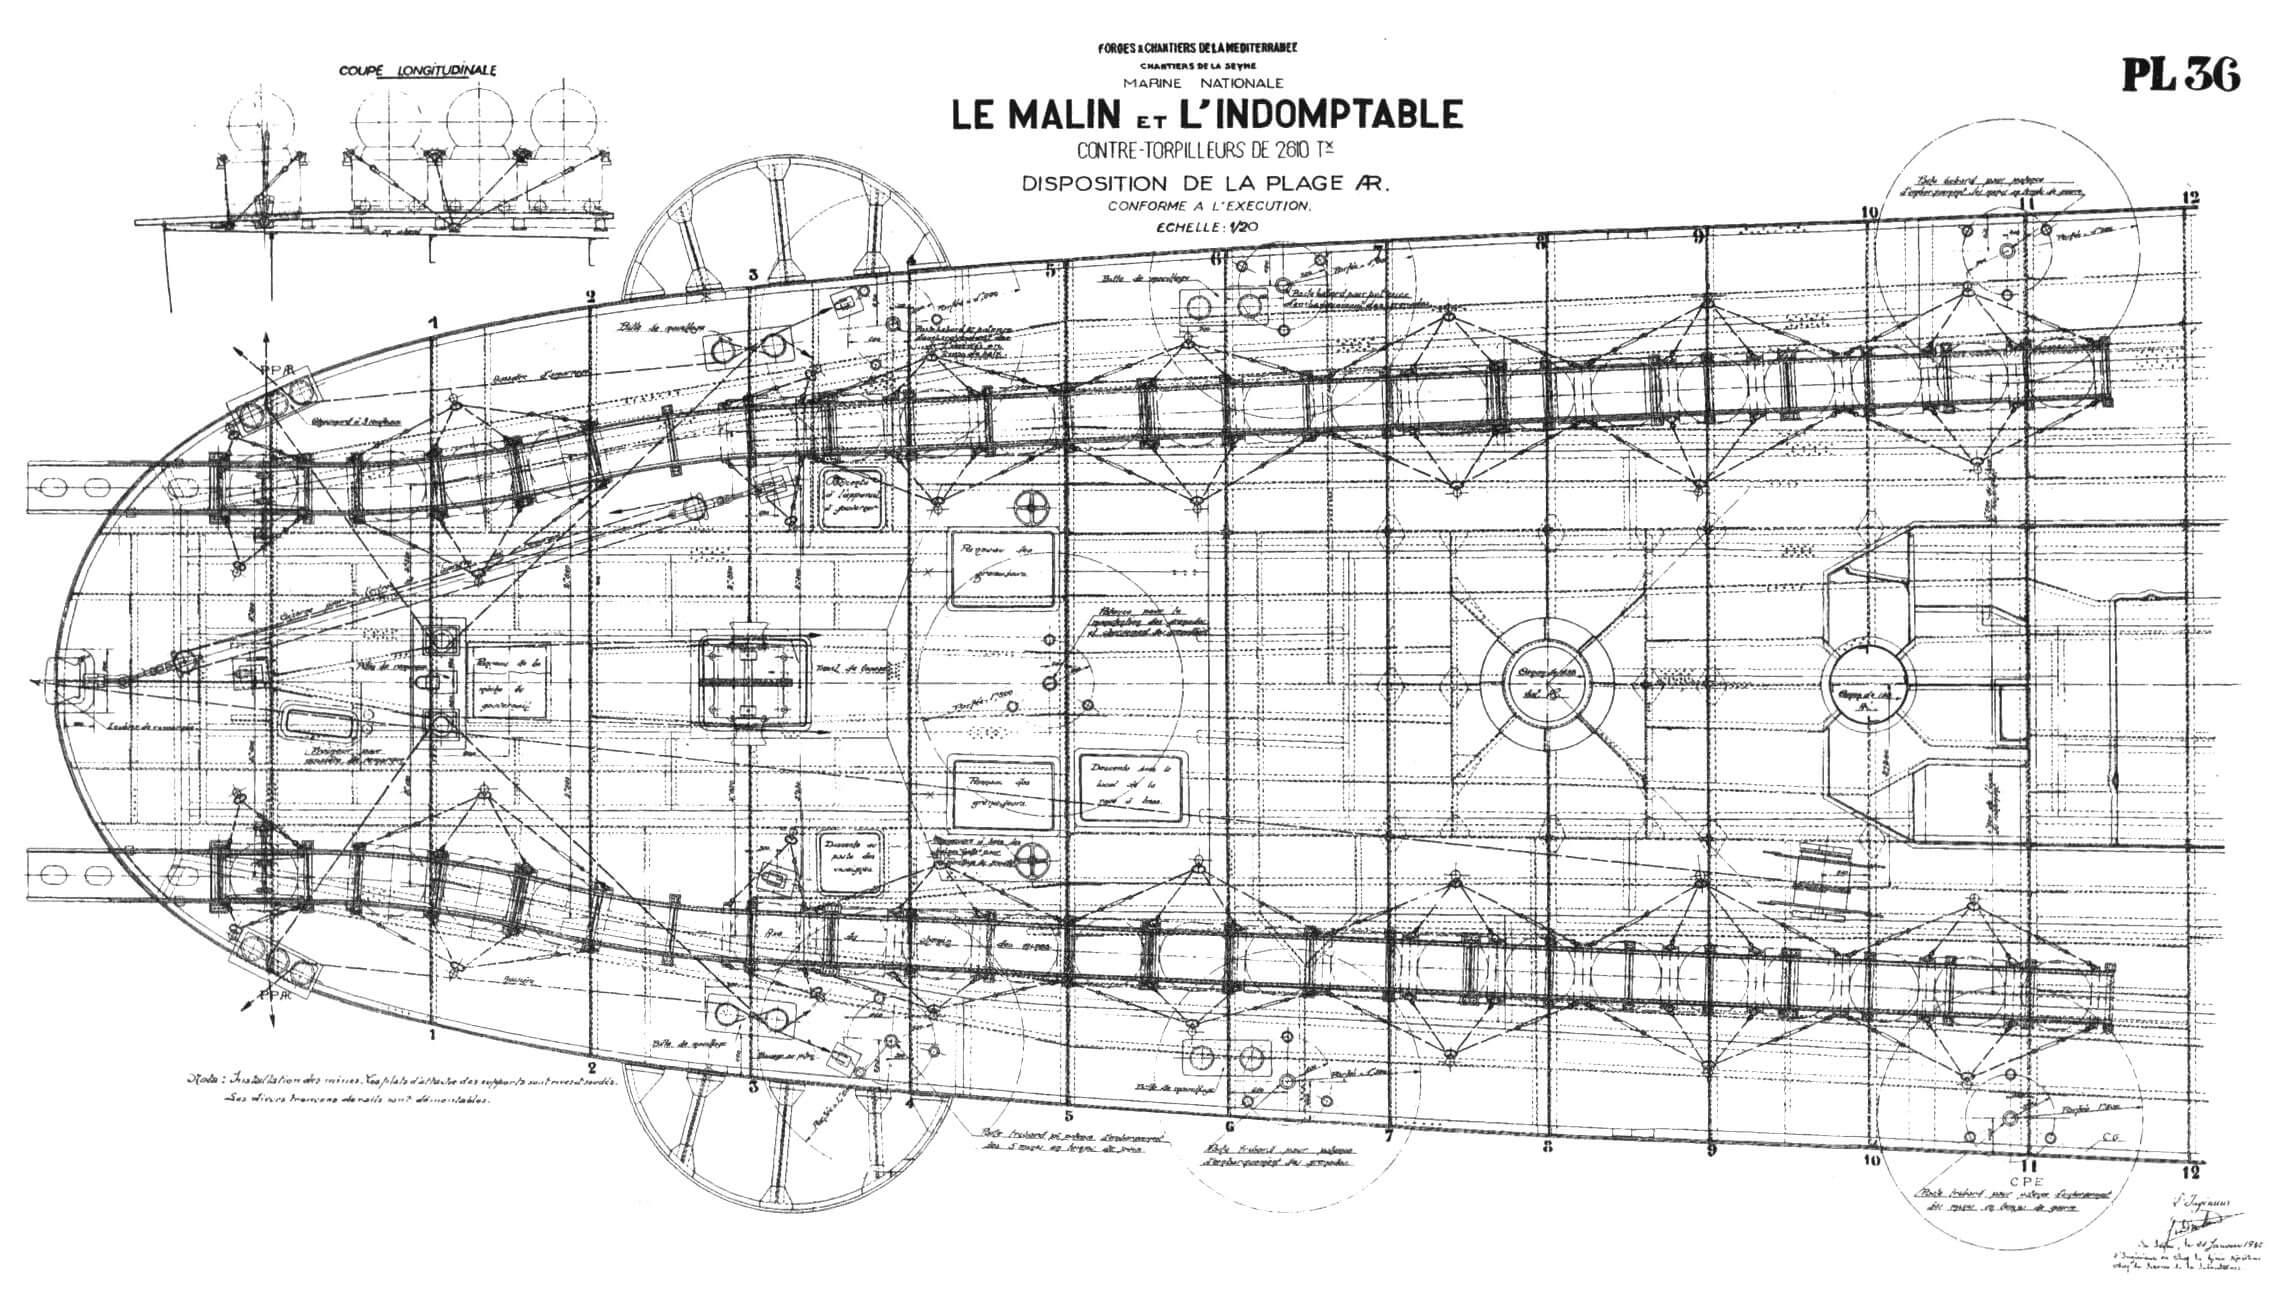 Кормоваи часть верхней палубы лидеров «Ле Малэн» и «Л'Эндомтабль» (с элементами оборудования для постановки мин и противолодочного вооружения)